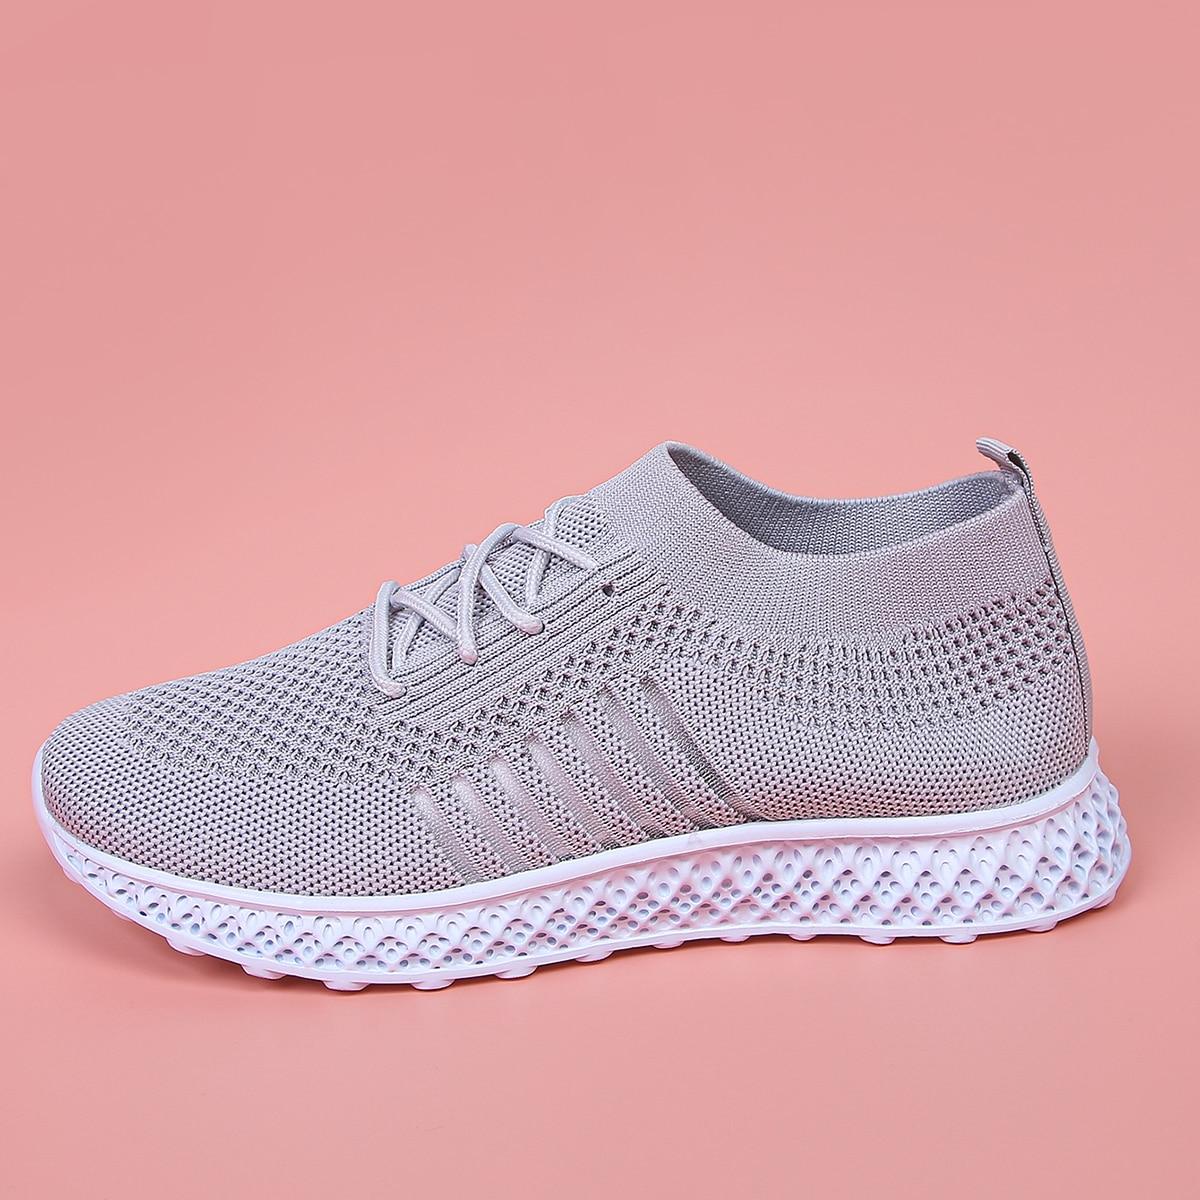 SHEIN Sport Gestreept Sneaker Kant